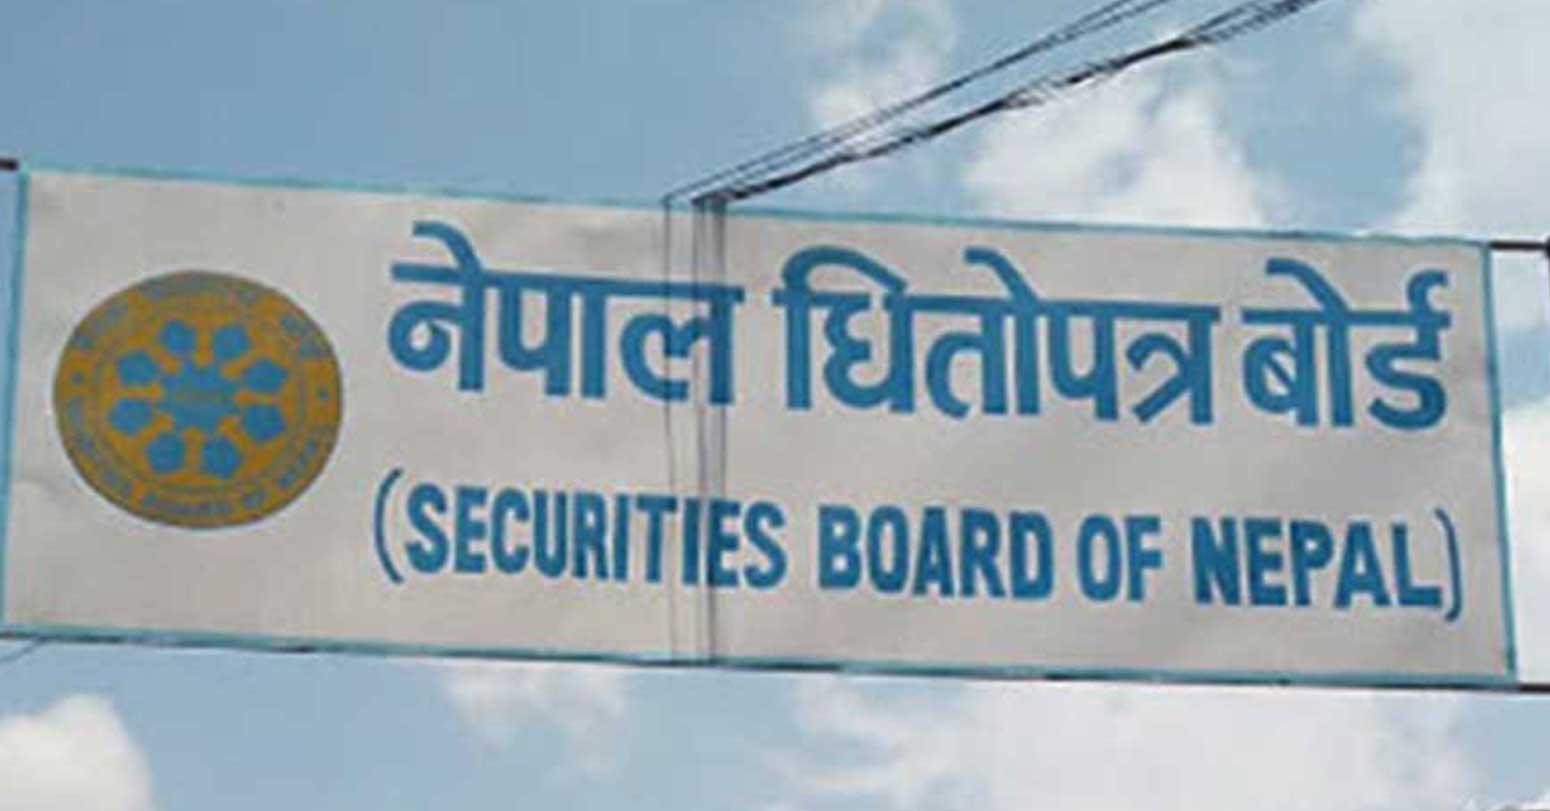 नेपाल धितोपत्र बोर्डले बैंकलाई ब्रोकर लाइसेन्स दिने तयारी